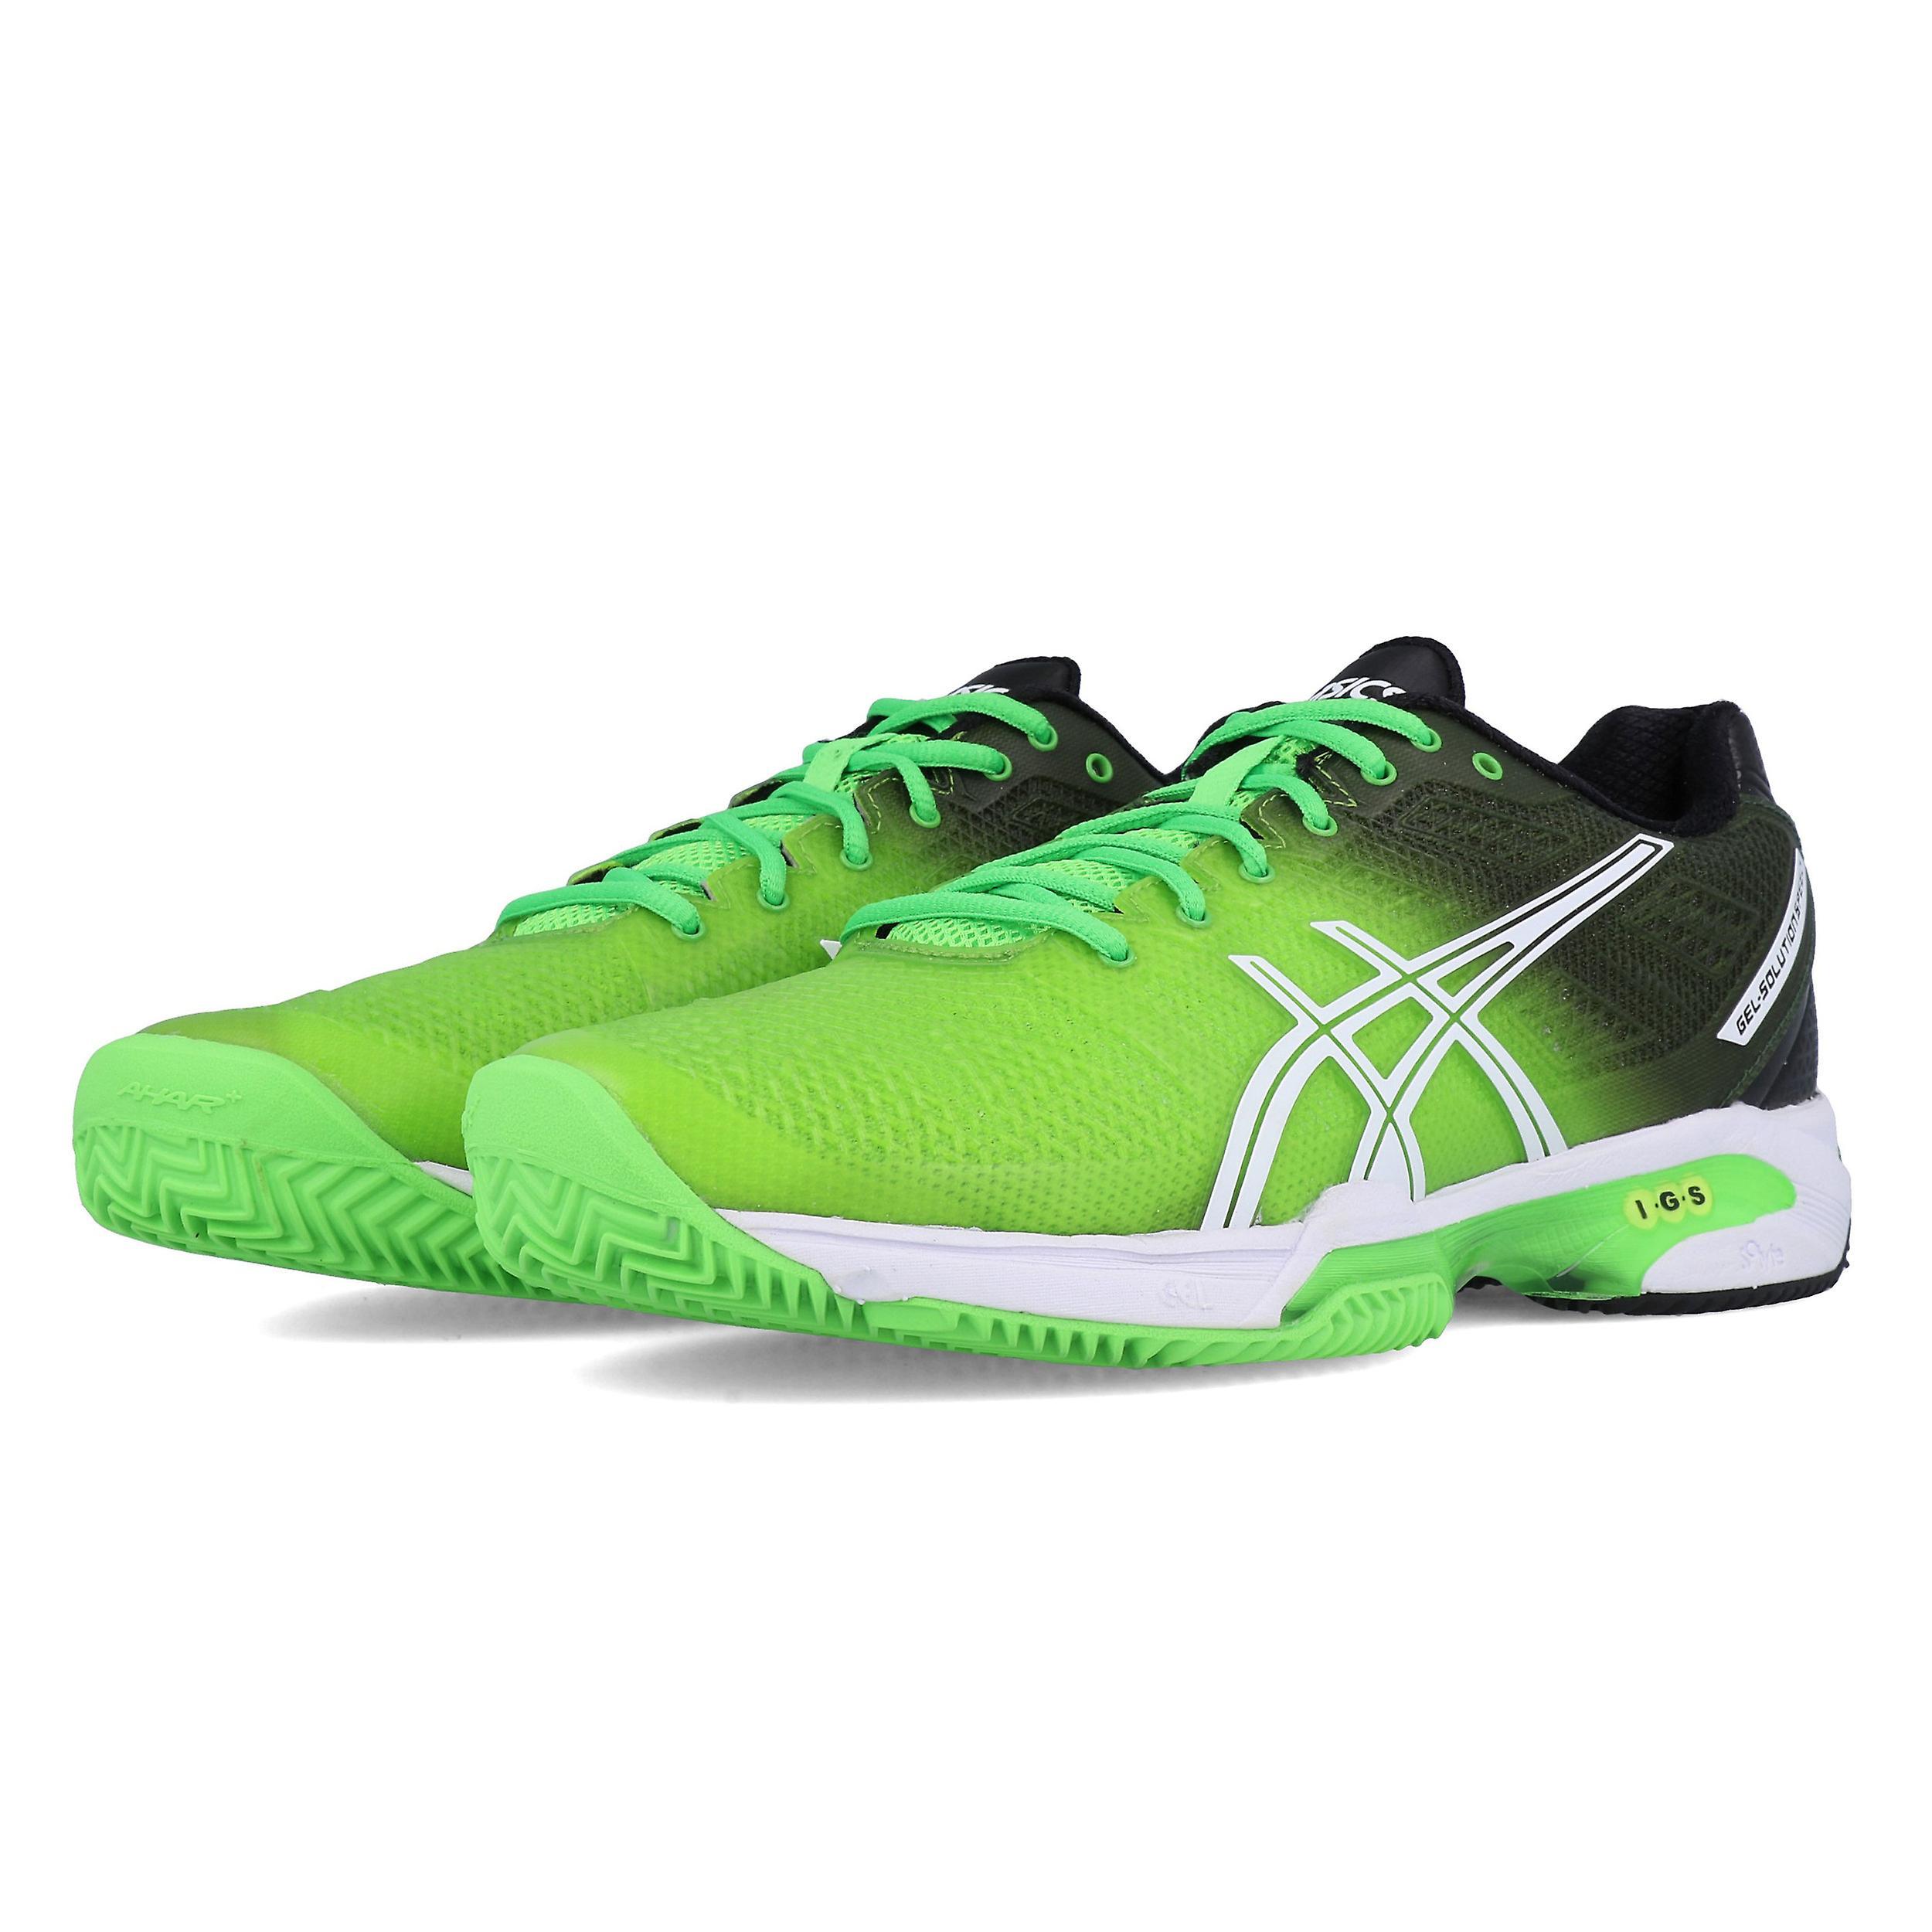 chaussures de Tennis Asics Gel-Solution 2 terre battue